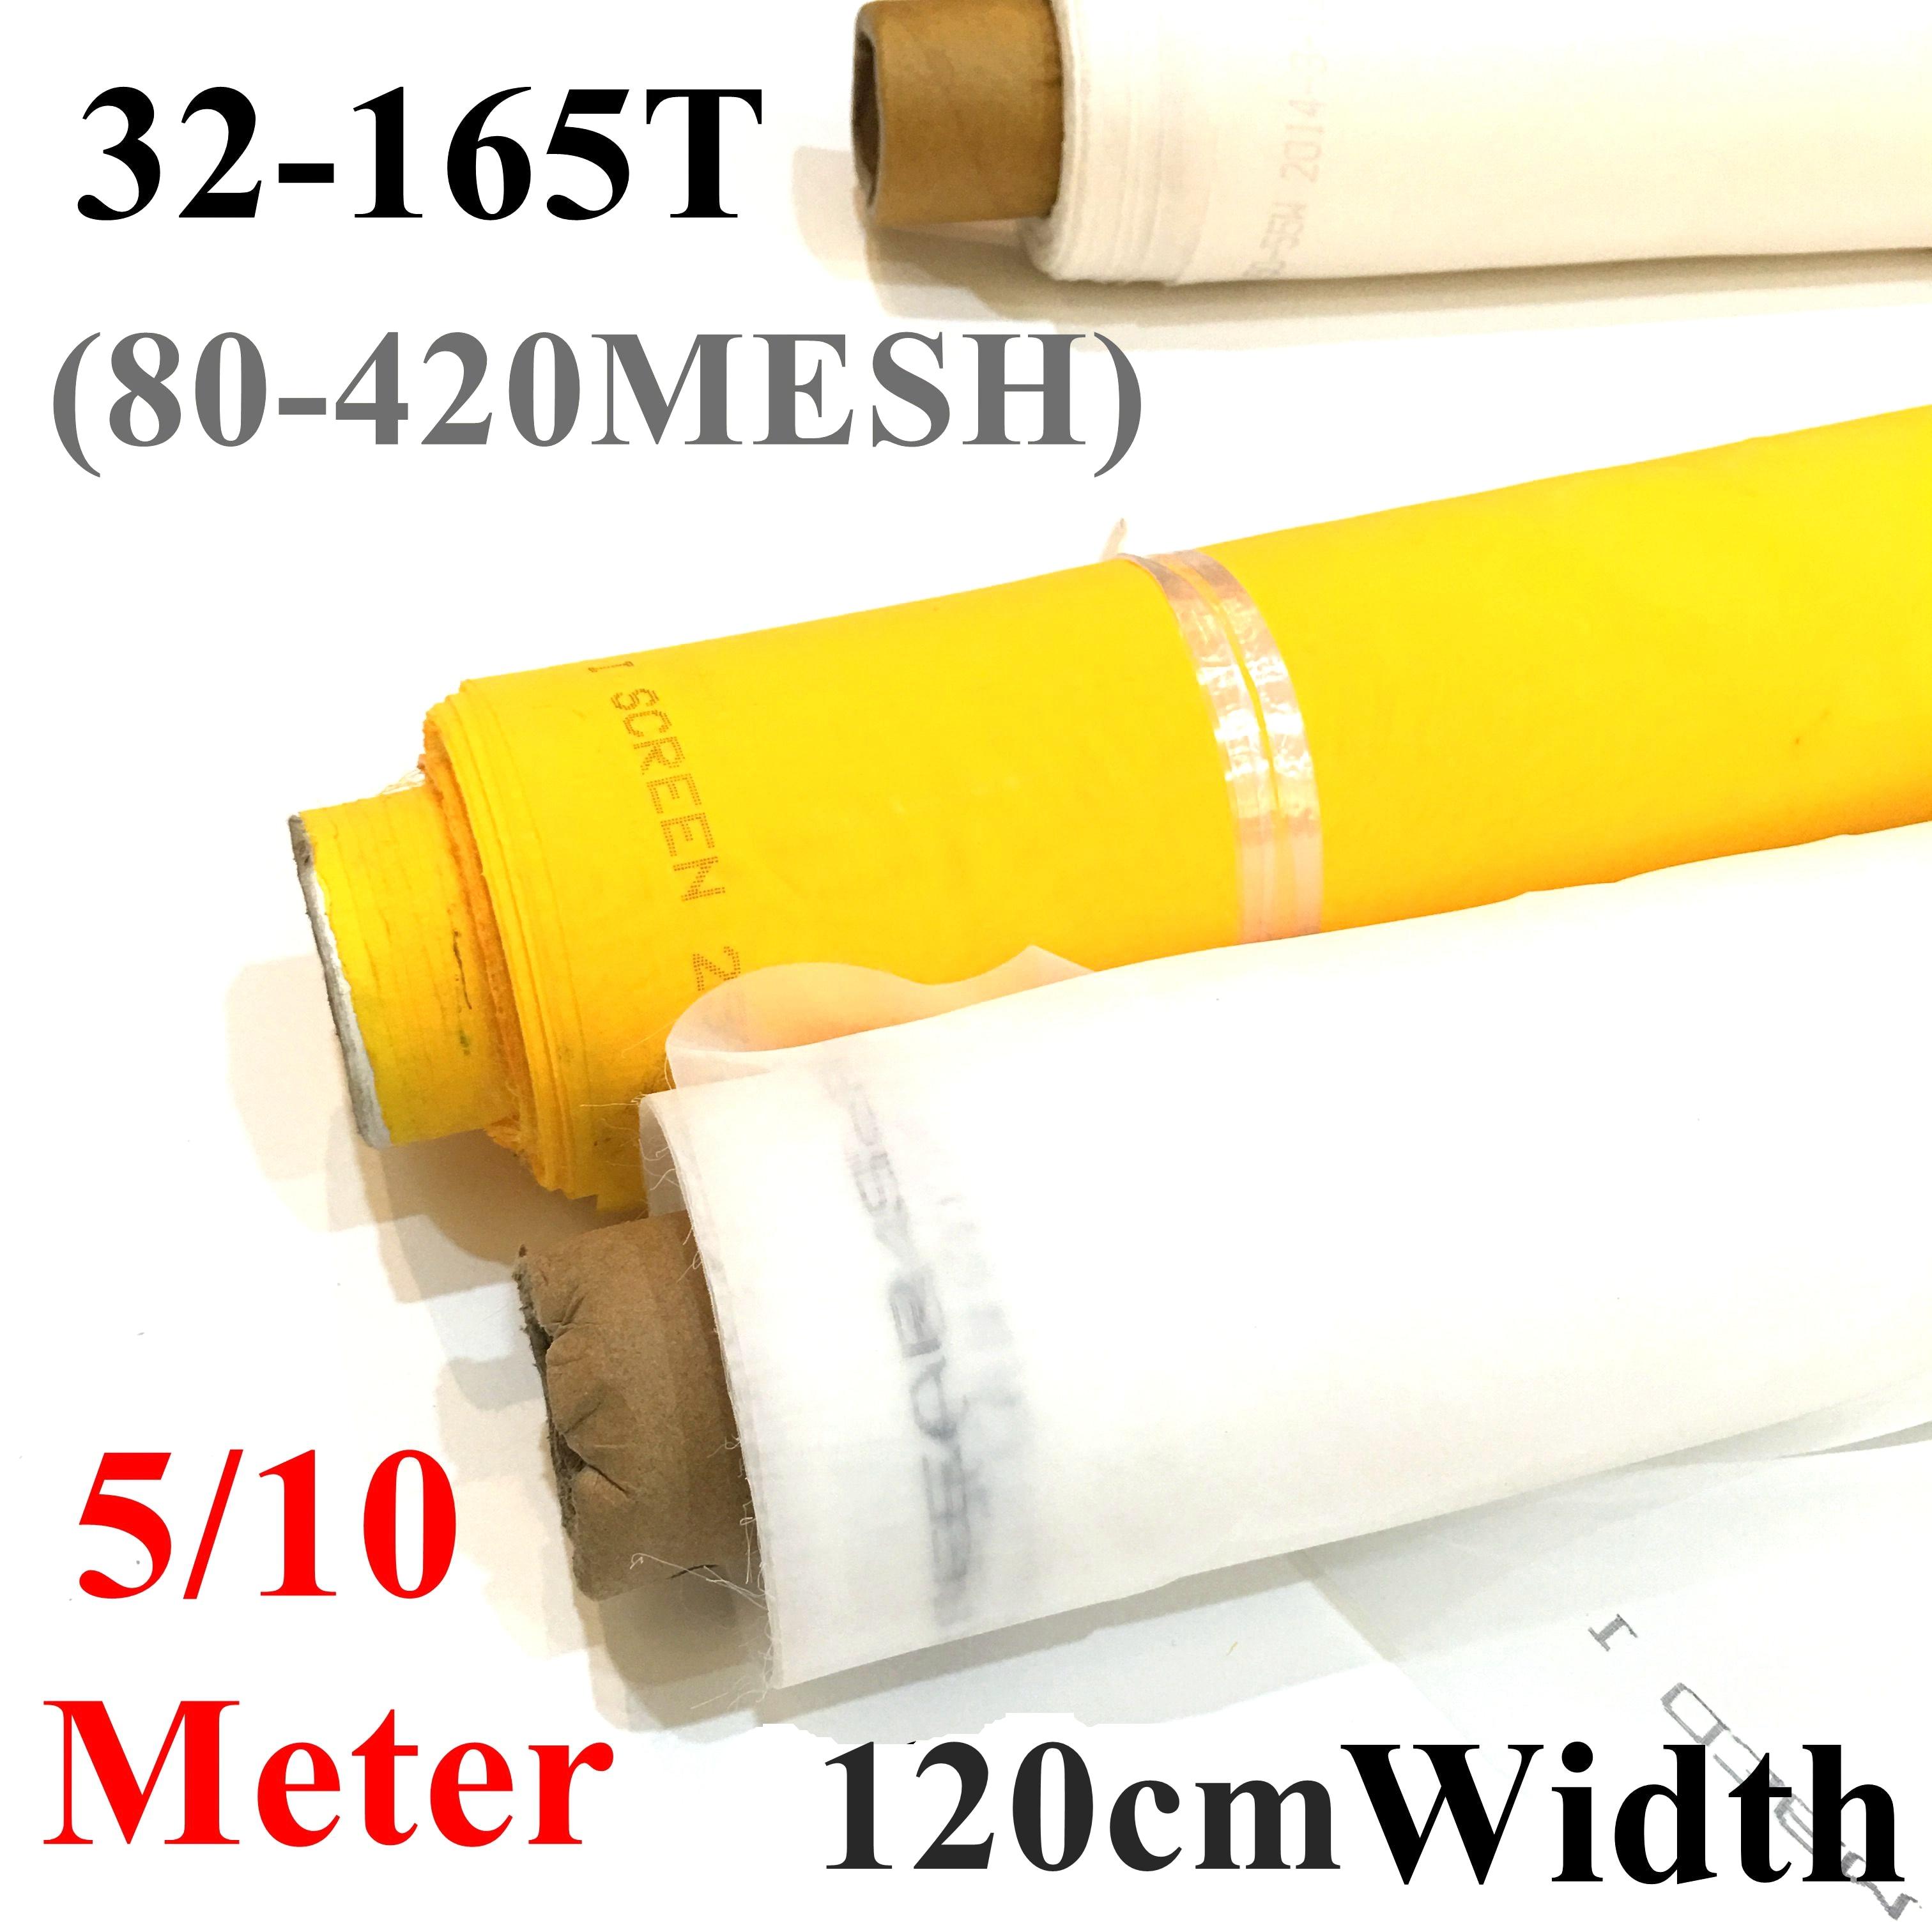 Wholesale 5/10 Meter 80-420M Silk Screen Printing Mesh 120CM Width 32T-165T White Polyester Screen Printing Mesh Fabric Tools